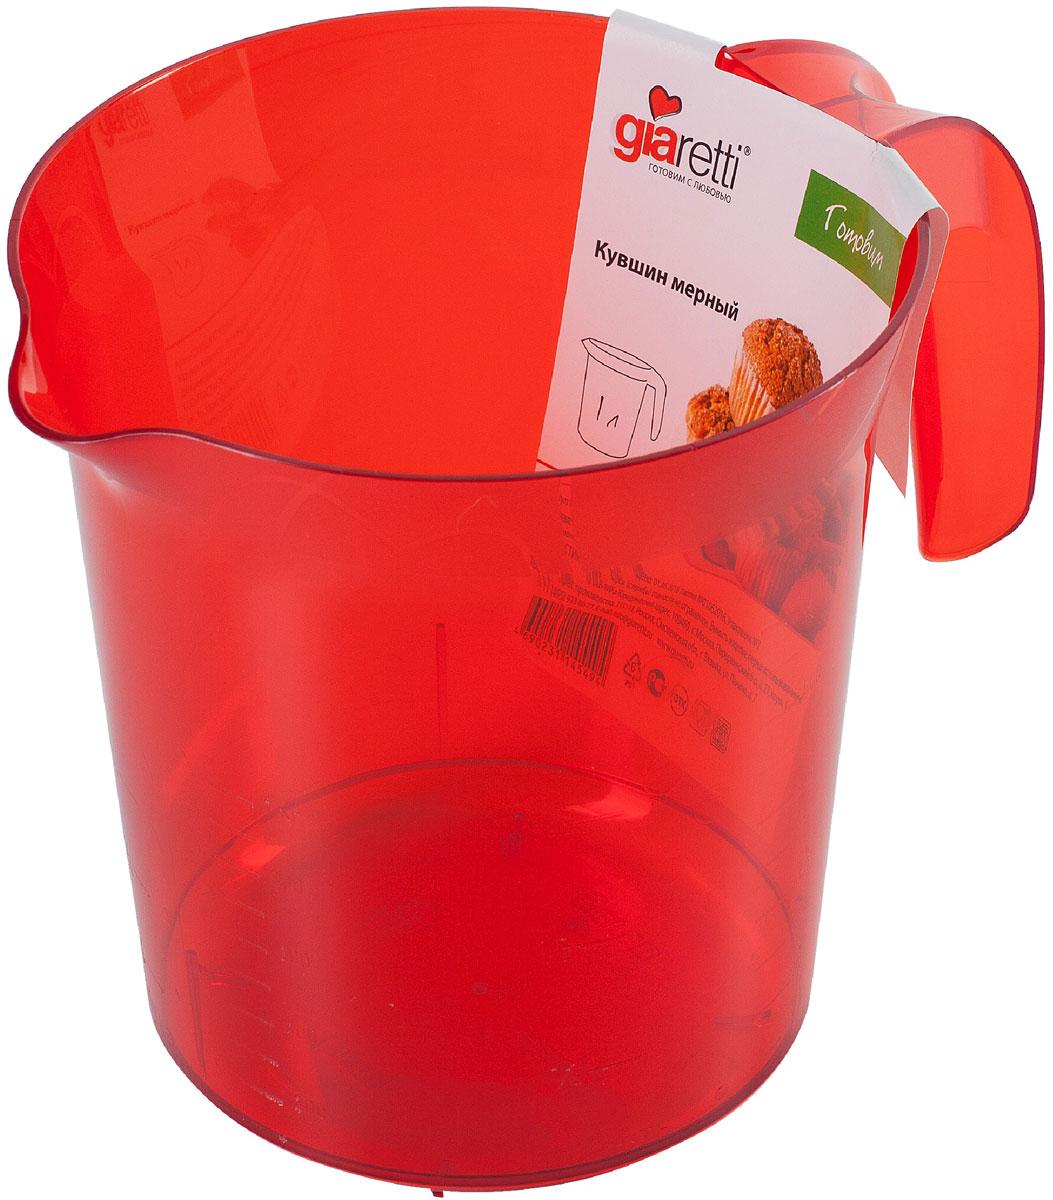 Стакан мерный Giaretti, цвет: красный, 1 лGR3056Мерный прозрачный стакан Giaretti выполнен из высококачественного пластика. Стакан оснащен удобной ручкой и носиком, которые делают изделие еще более простым в использовании. Он позволяет мерить жидкости до 1 л. Удобная форма стакана позволяет как отмерить необходимое количество продукта, так и взбить/замесить его непосредственно в прямо в этой же емкости. Такой стаканчик пригодится каждой хозяйке на кухне, ведь зачастую приготовление некоторых блюд требует известной точности. Объем: 1 л. Диаметр (по верхнему краю): 13,5 см. Высота: 15 см.